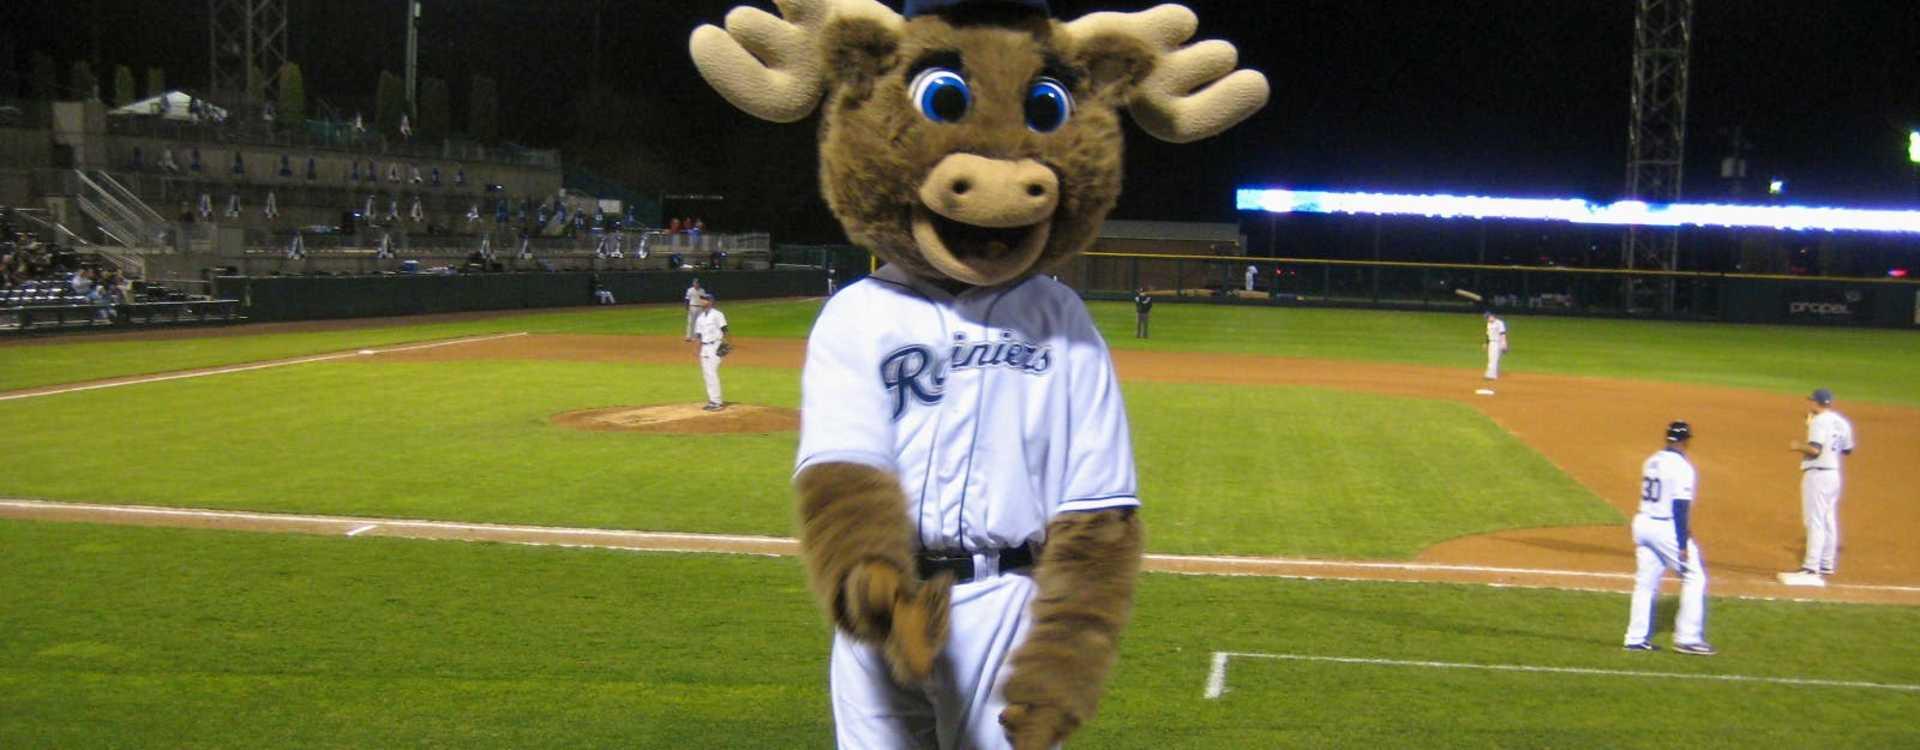 Tacoma Rainiers Professional Baseball